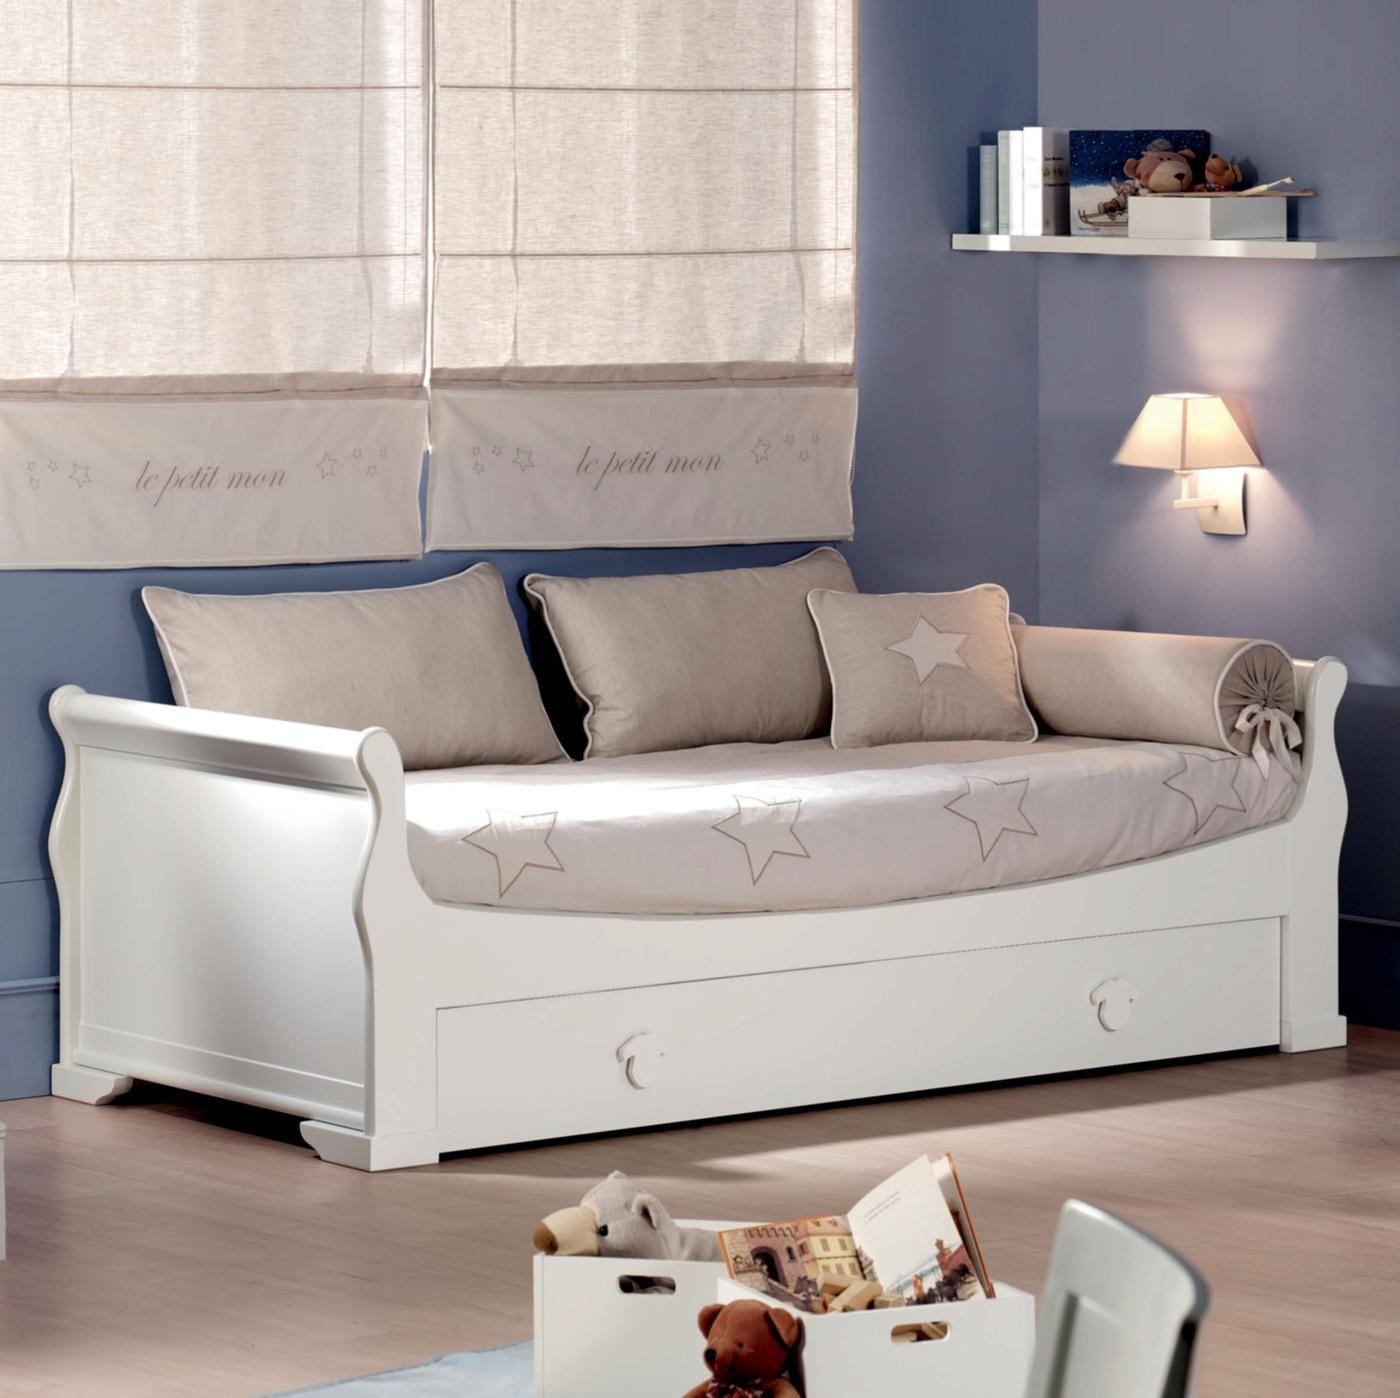 cama madera blanca Buscar con Google mis muebles